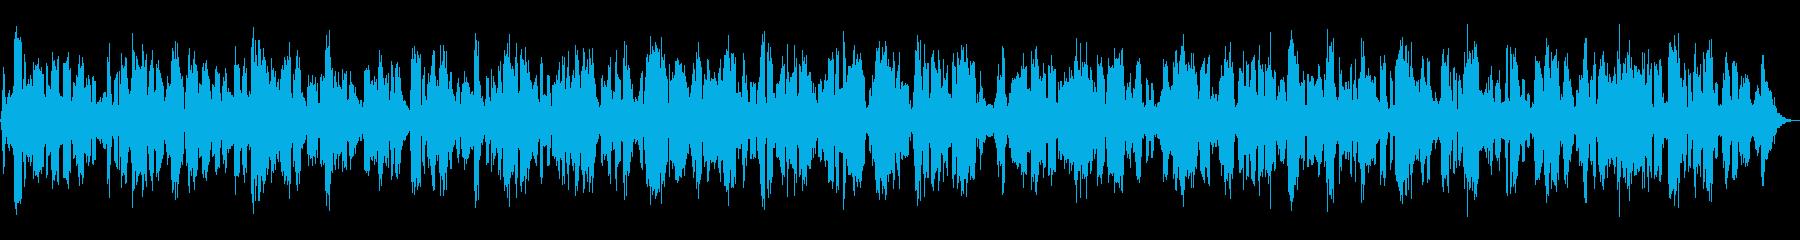 宇宙コンピューターテレタイプデータ...の再生済みの波形